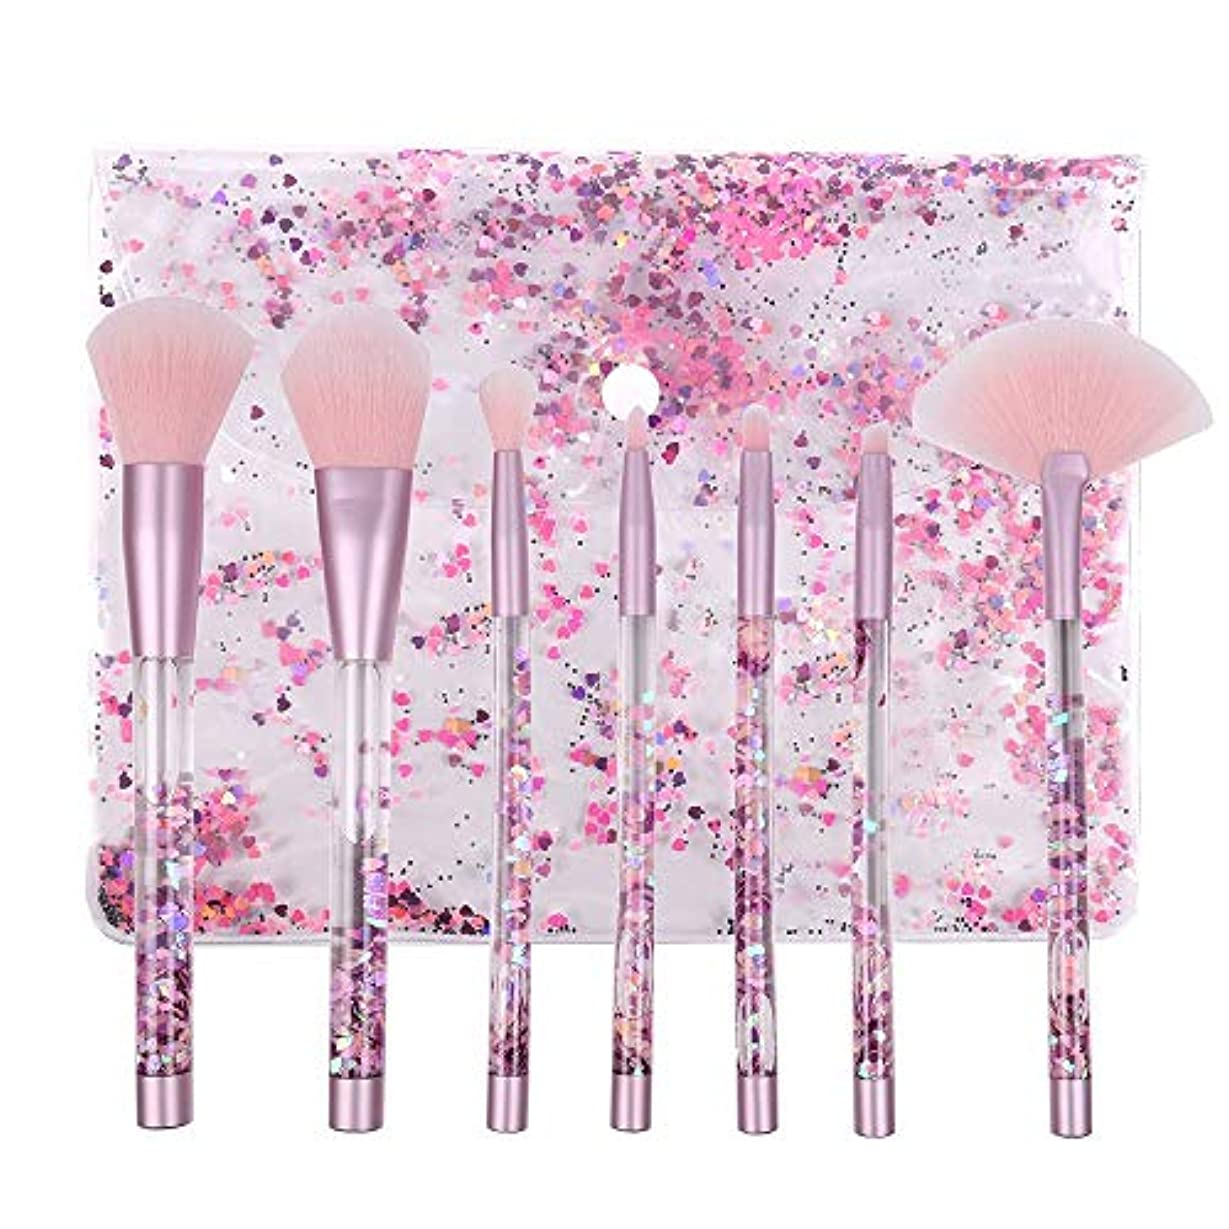 細菌結核テンポMakeup brushes 化粧ブラシセット7ピースクリスタルピンク液体の光沢のある流砂のハンドル化粧ブラシナイロンブラシ suits (Color : Purple glitter handle and pink hair)